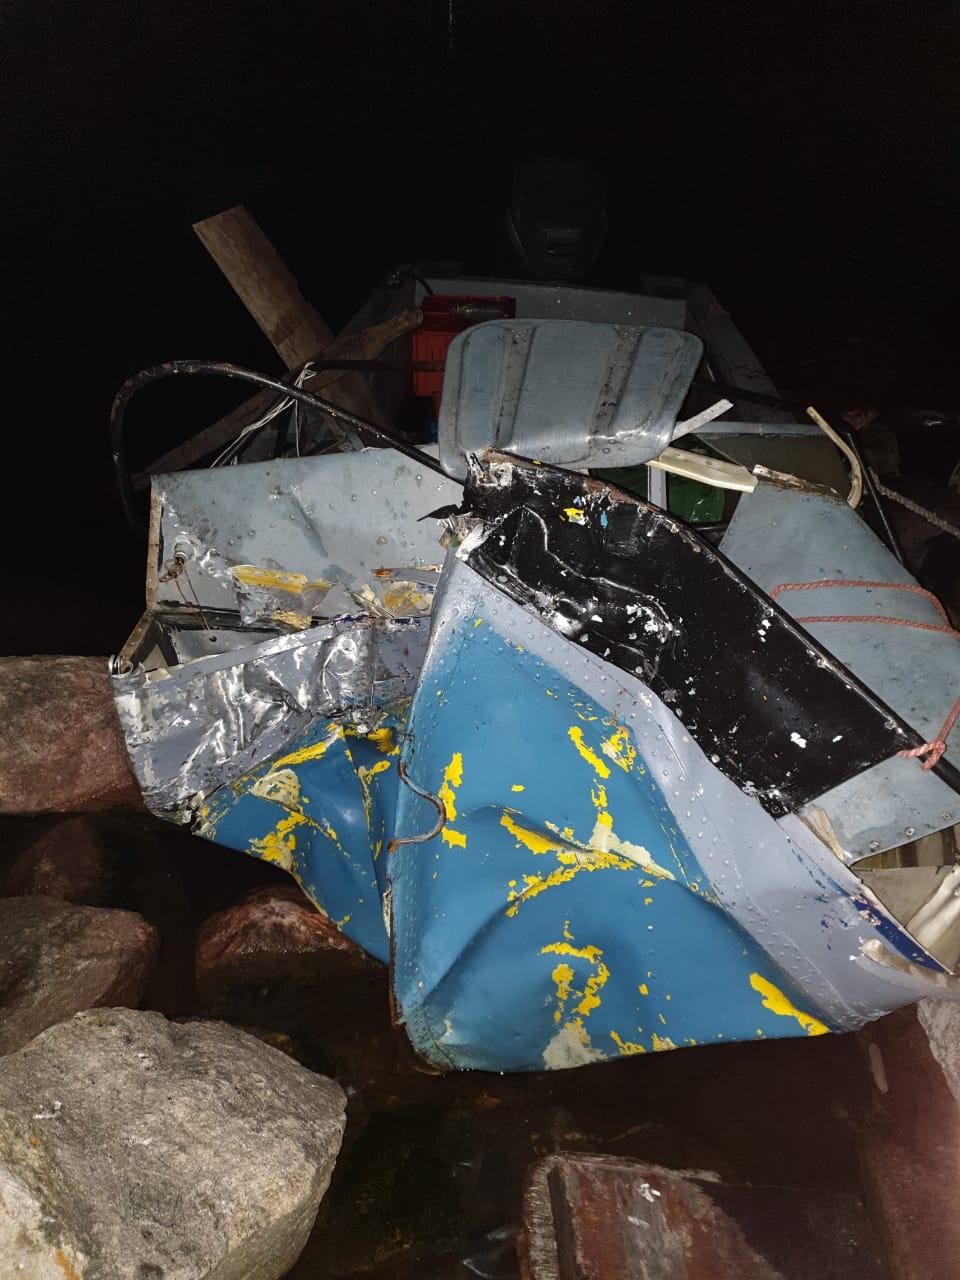 Новый День: На Байкале катер протаранил пирс. Погибли двое